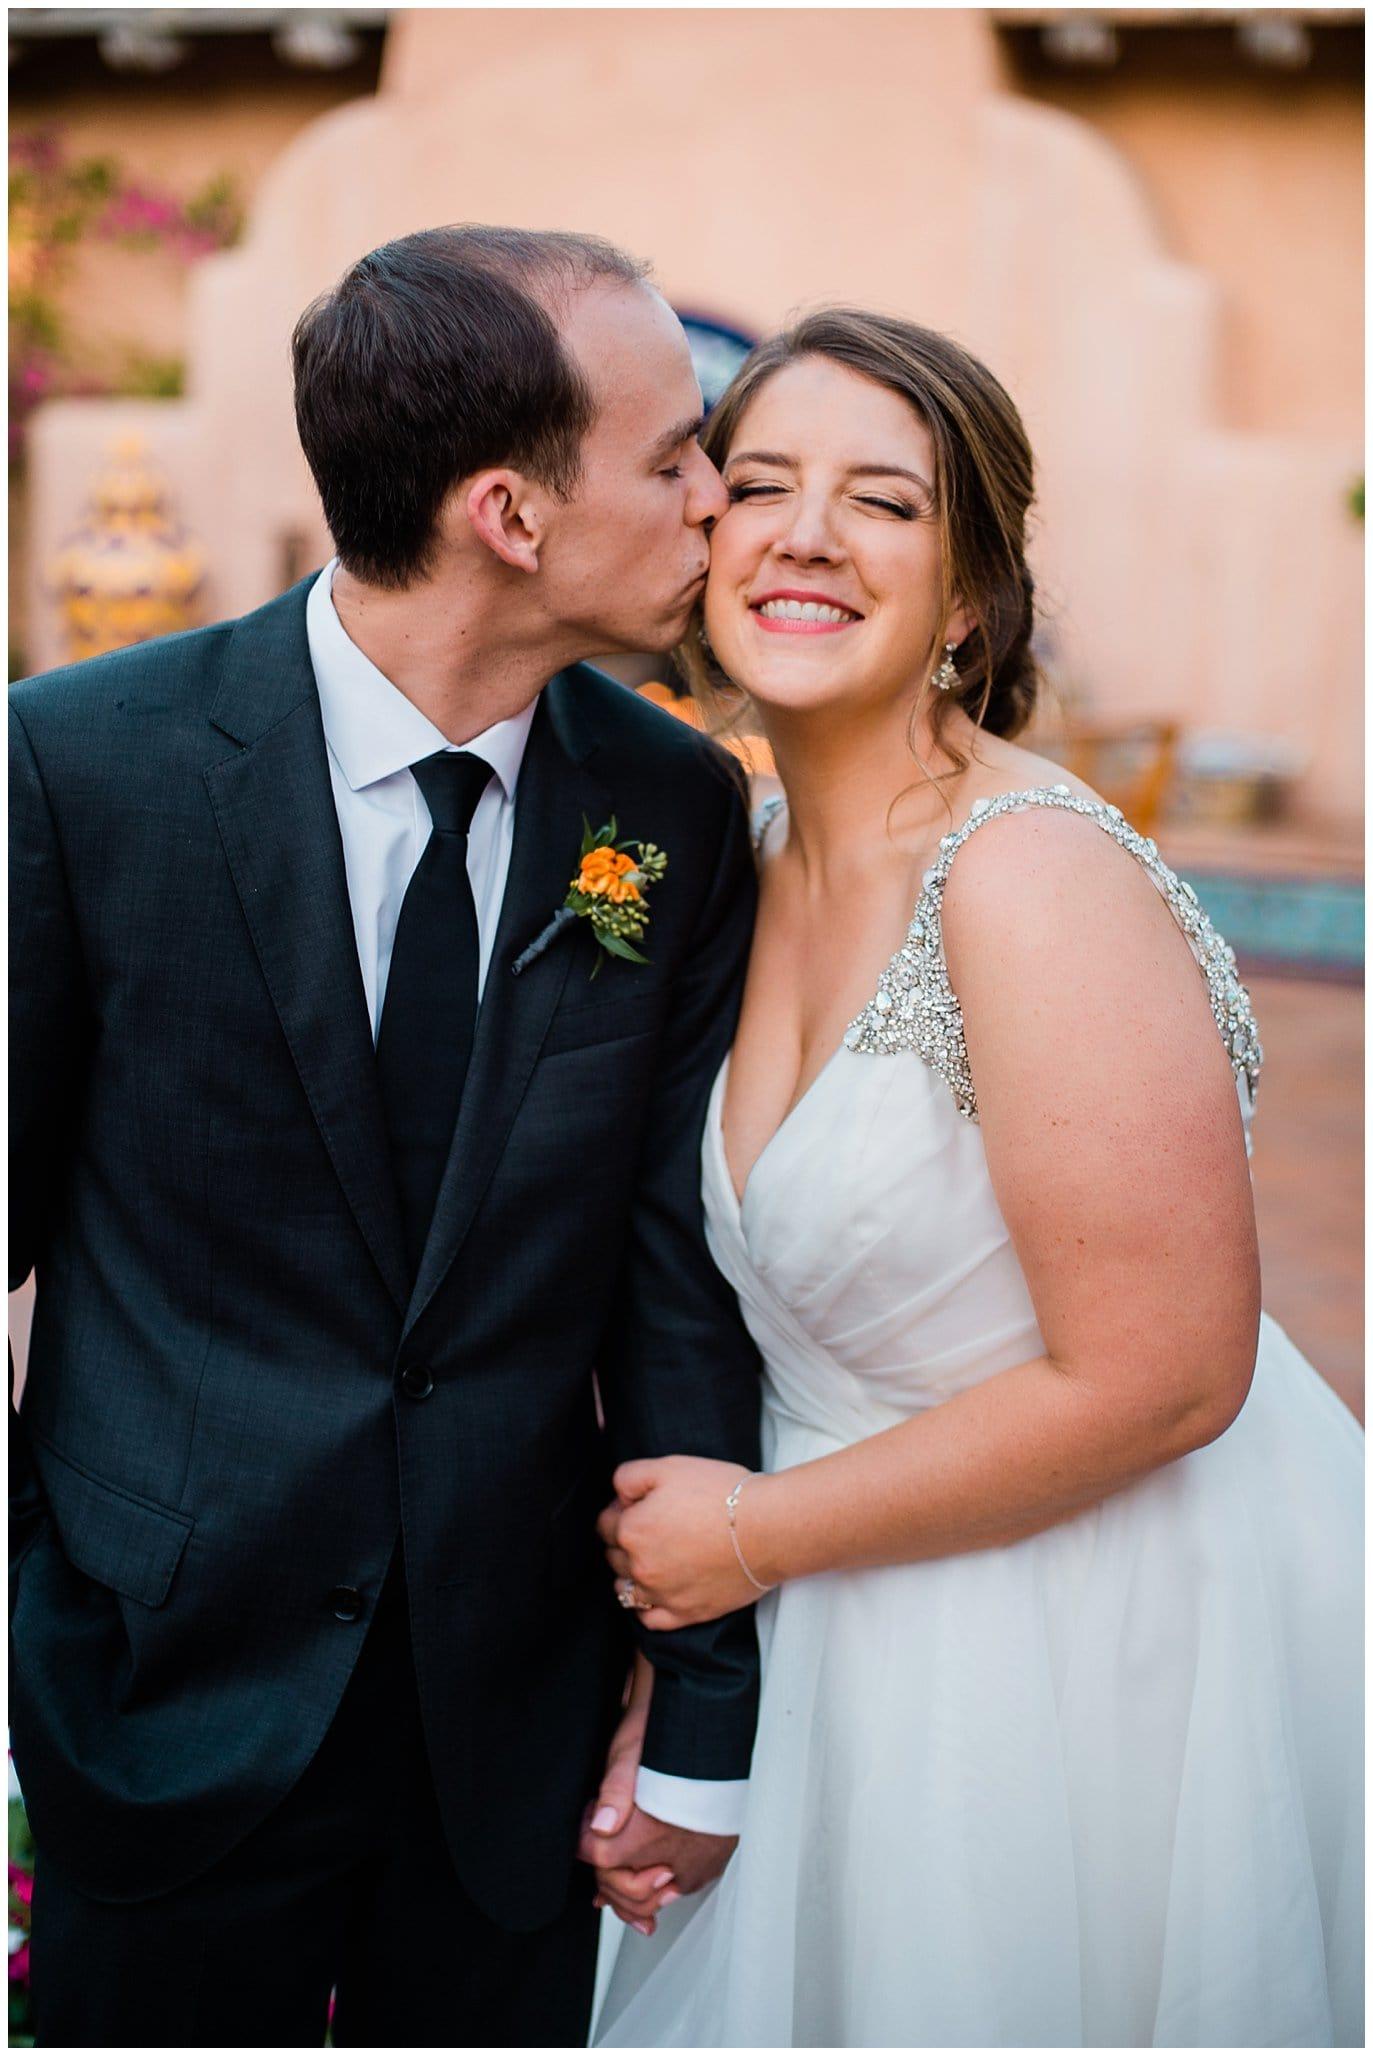 cute cuddly california wedding photo